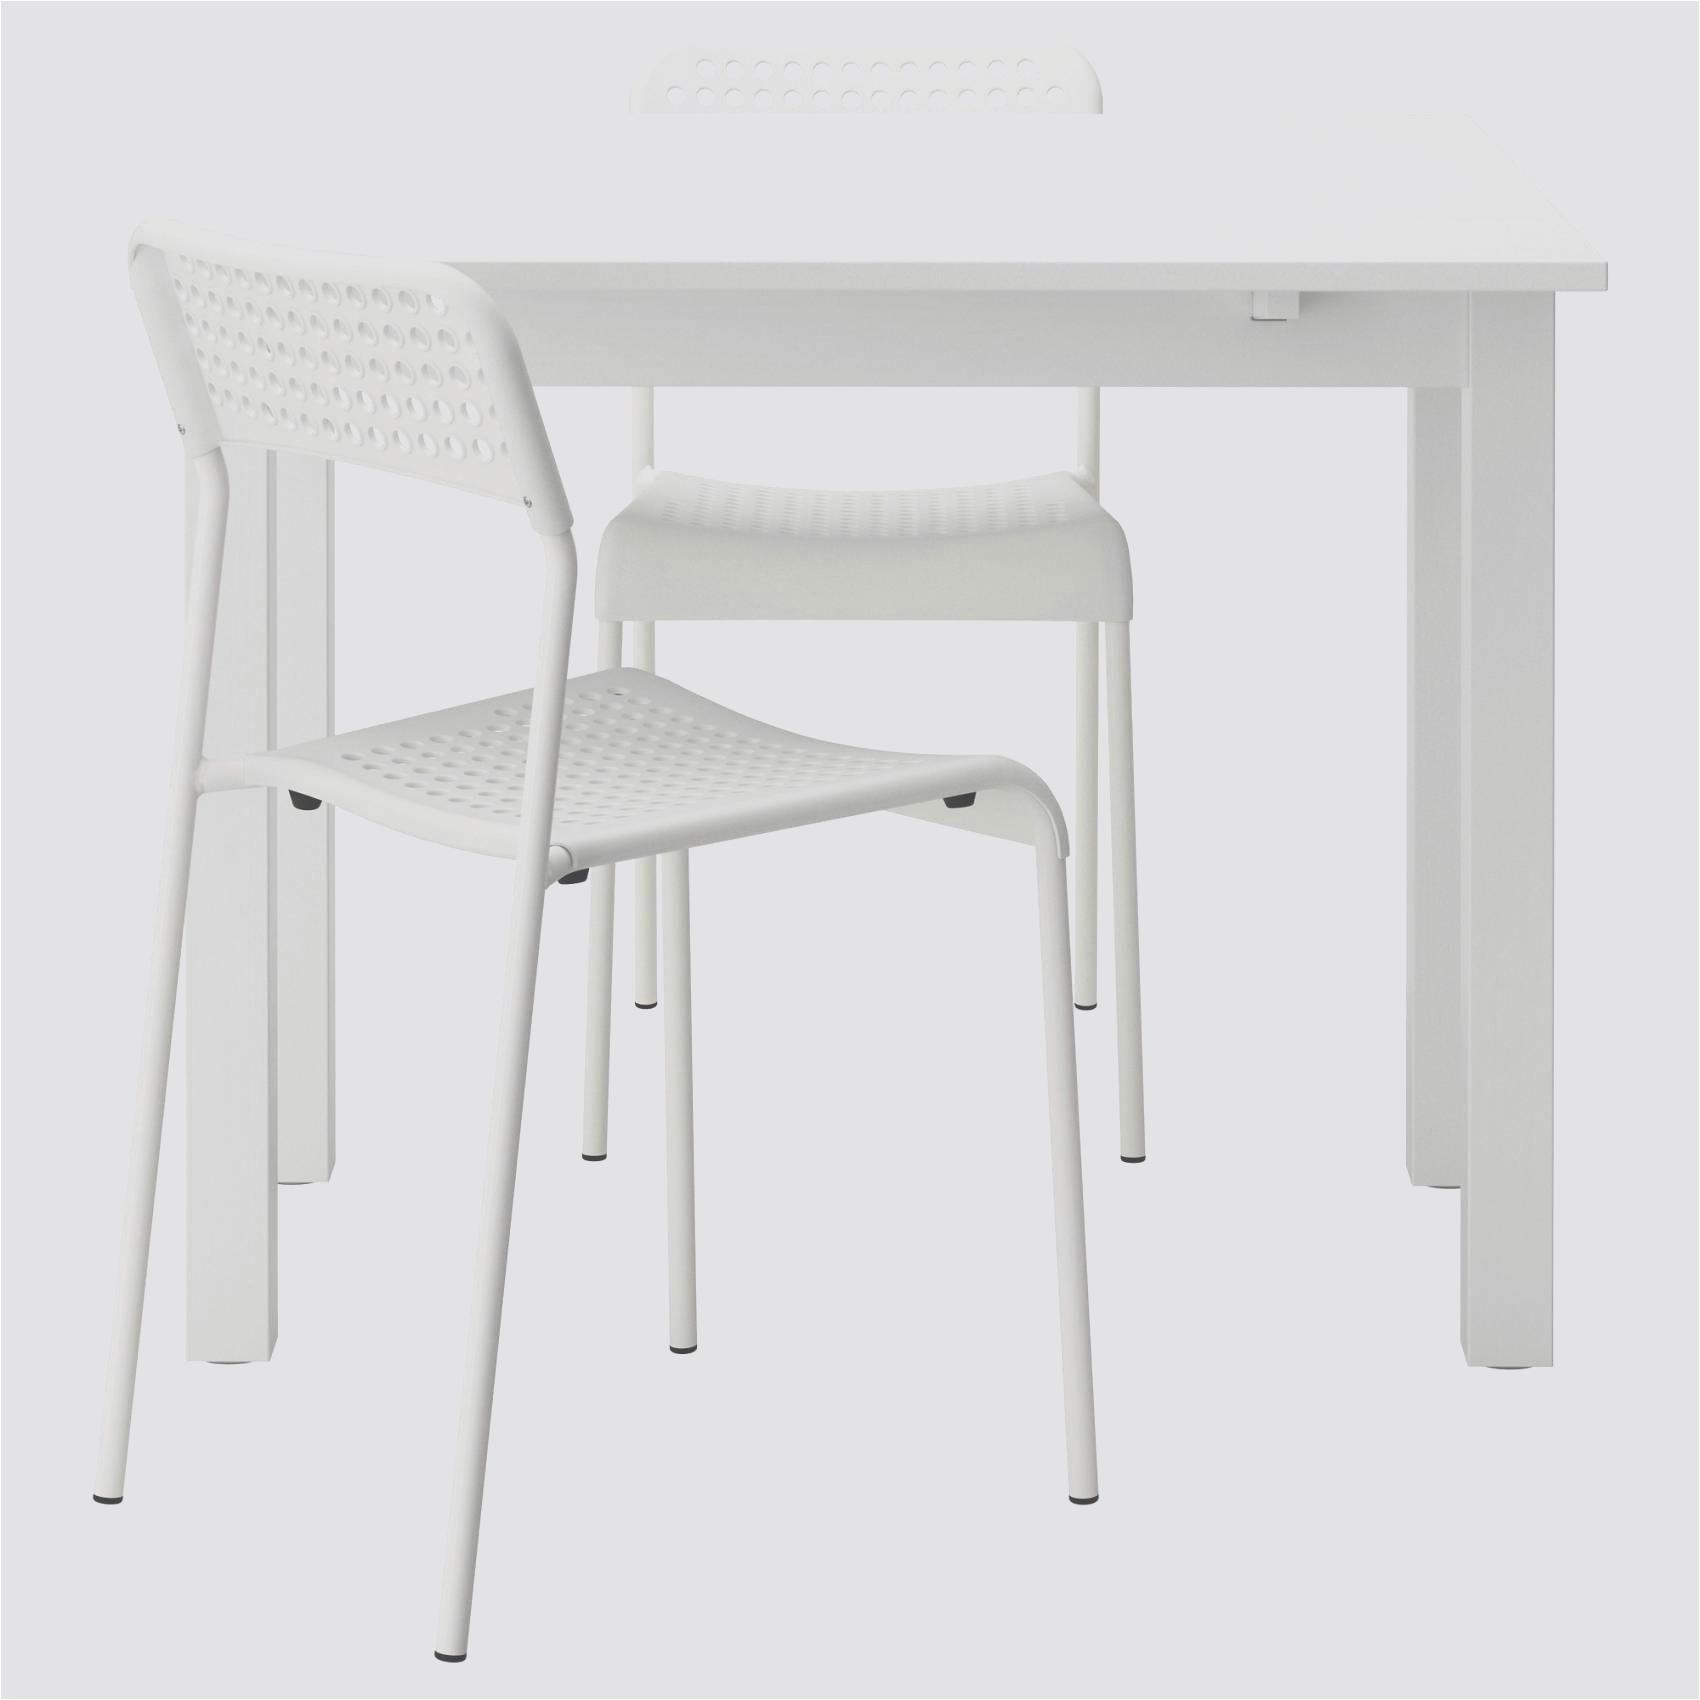 Ikea Canapés Convertibles Beau Photos Résultat Supérieur 60 Inspirant Table Et Chaise Fer forgé Stock 2018